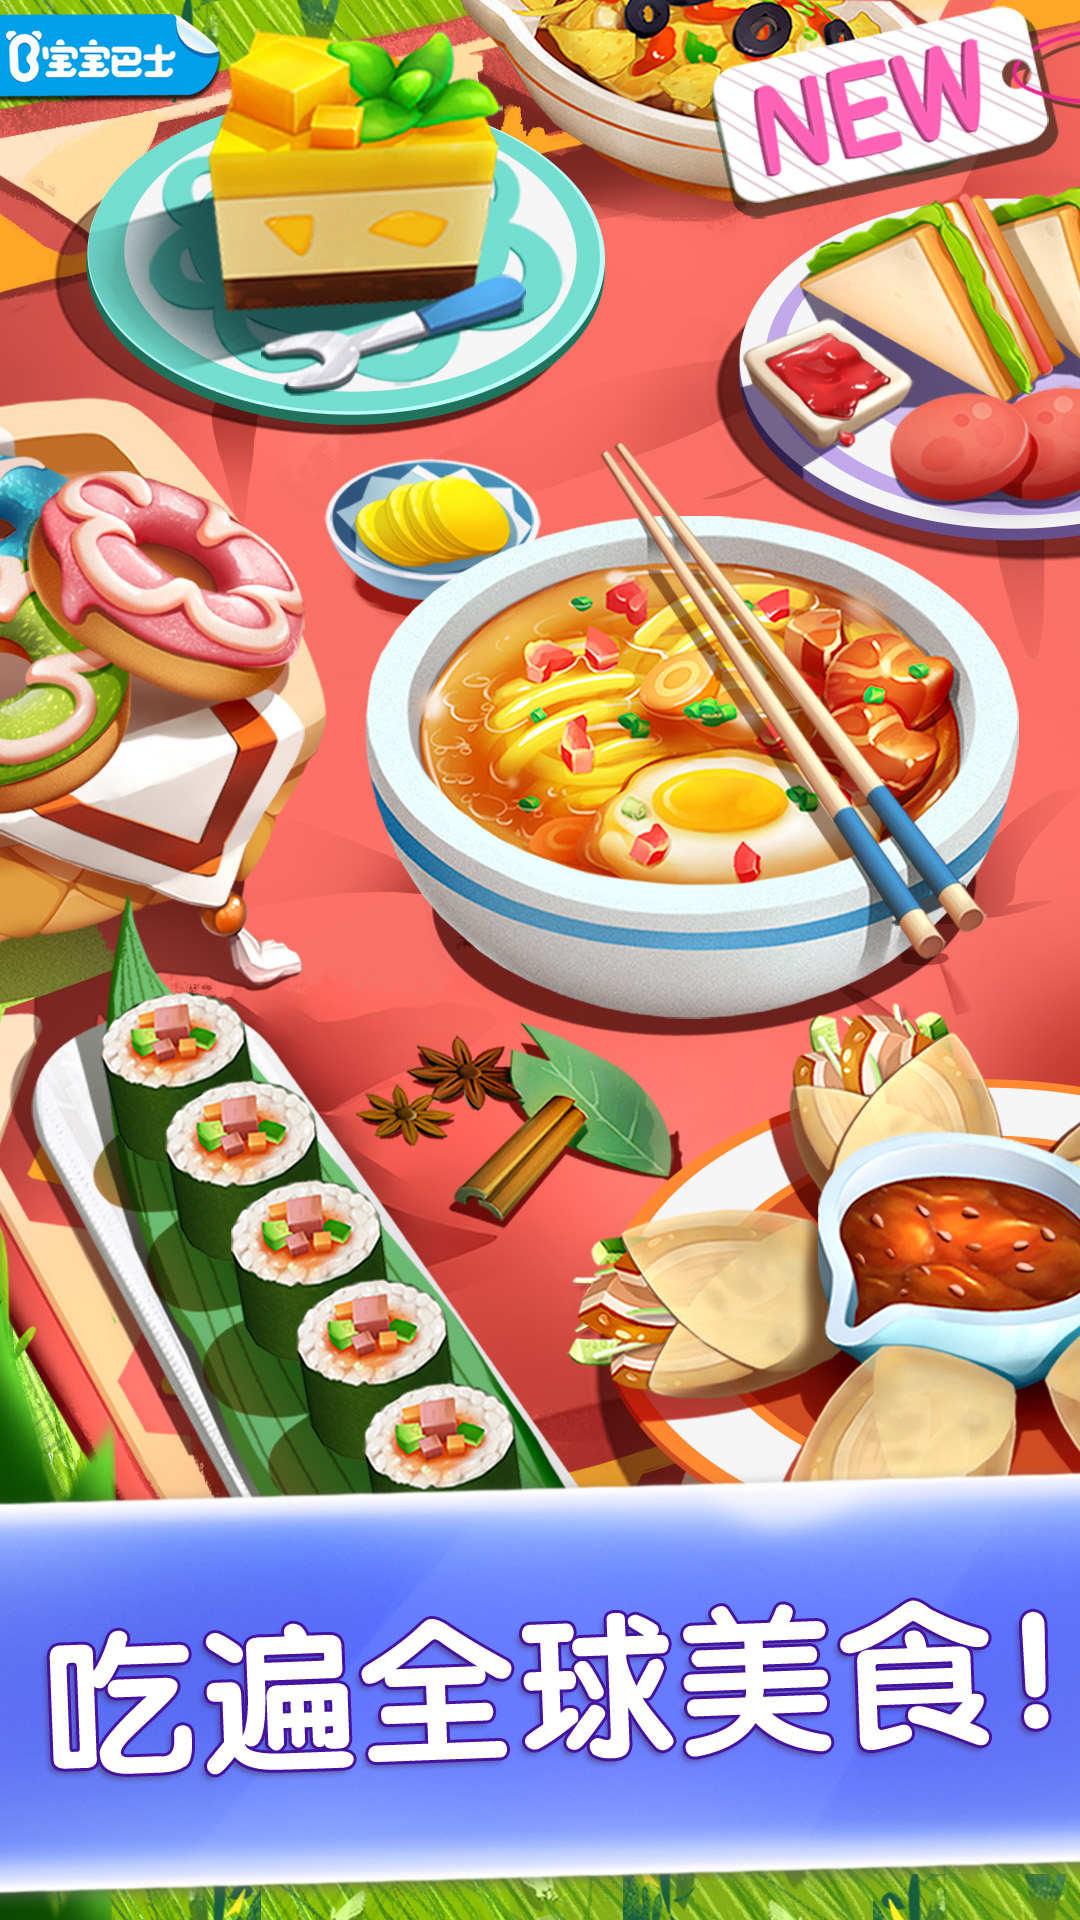 奇妙美食餐厅 V9.21.00.00 安卓版截图1